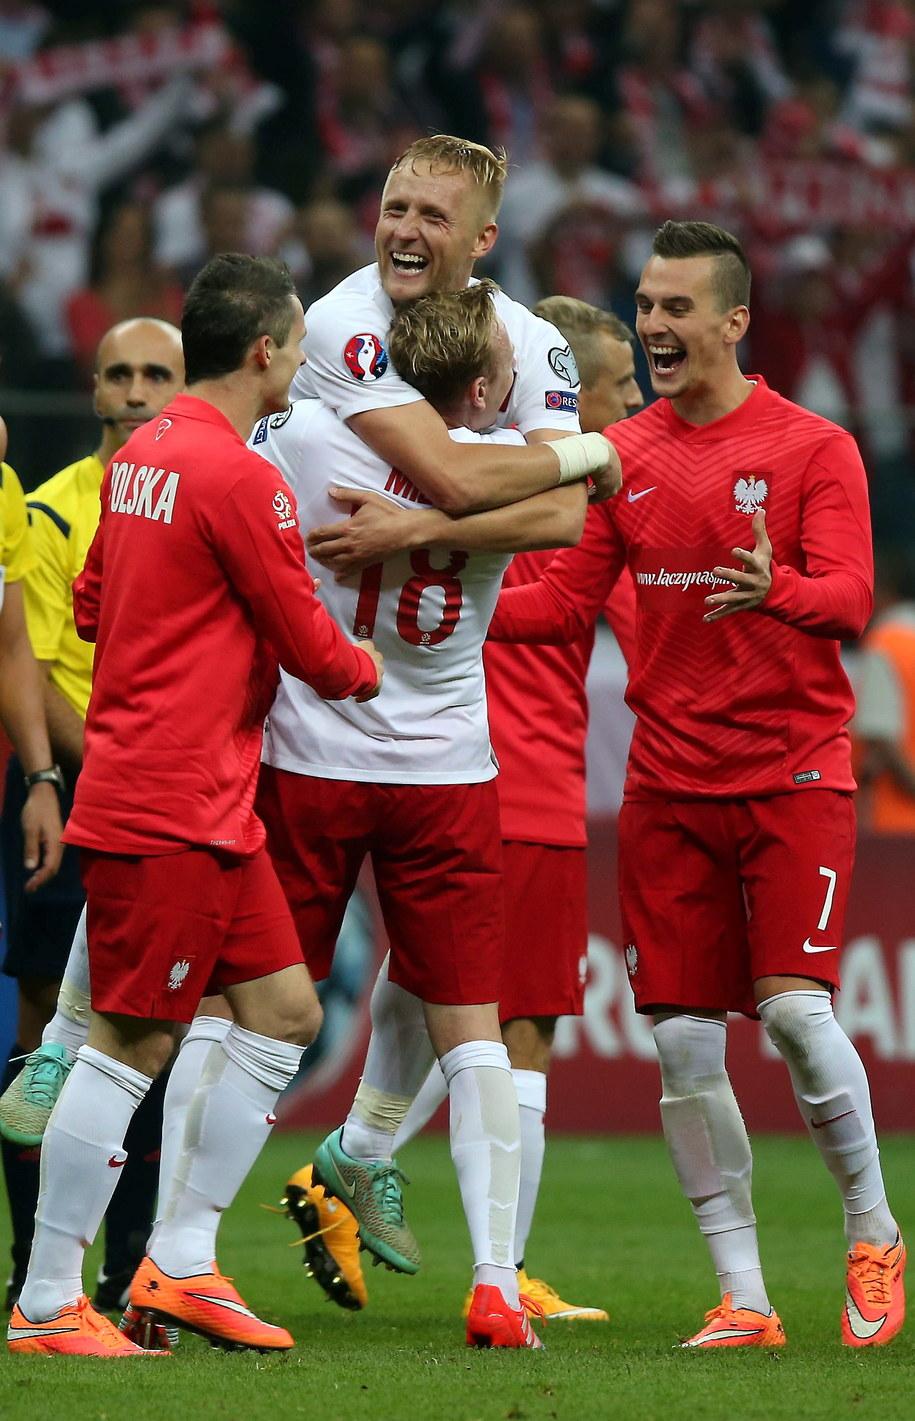 Piłkarze reprezentacji Polski (od prawej) Arkadiusz Milik, Kamil Glik i Sebastian Mila cieszą się ze zwycięstwa nad Niemcami w meczu eliminacji Euro 2016 /Bartłomiej Zborowski /PAP